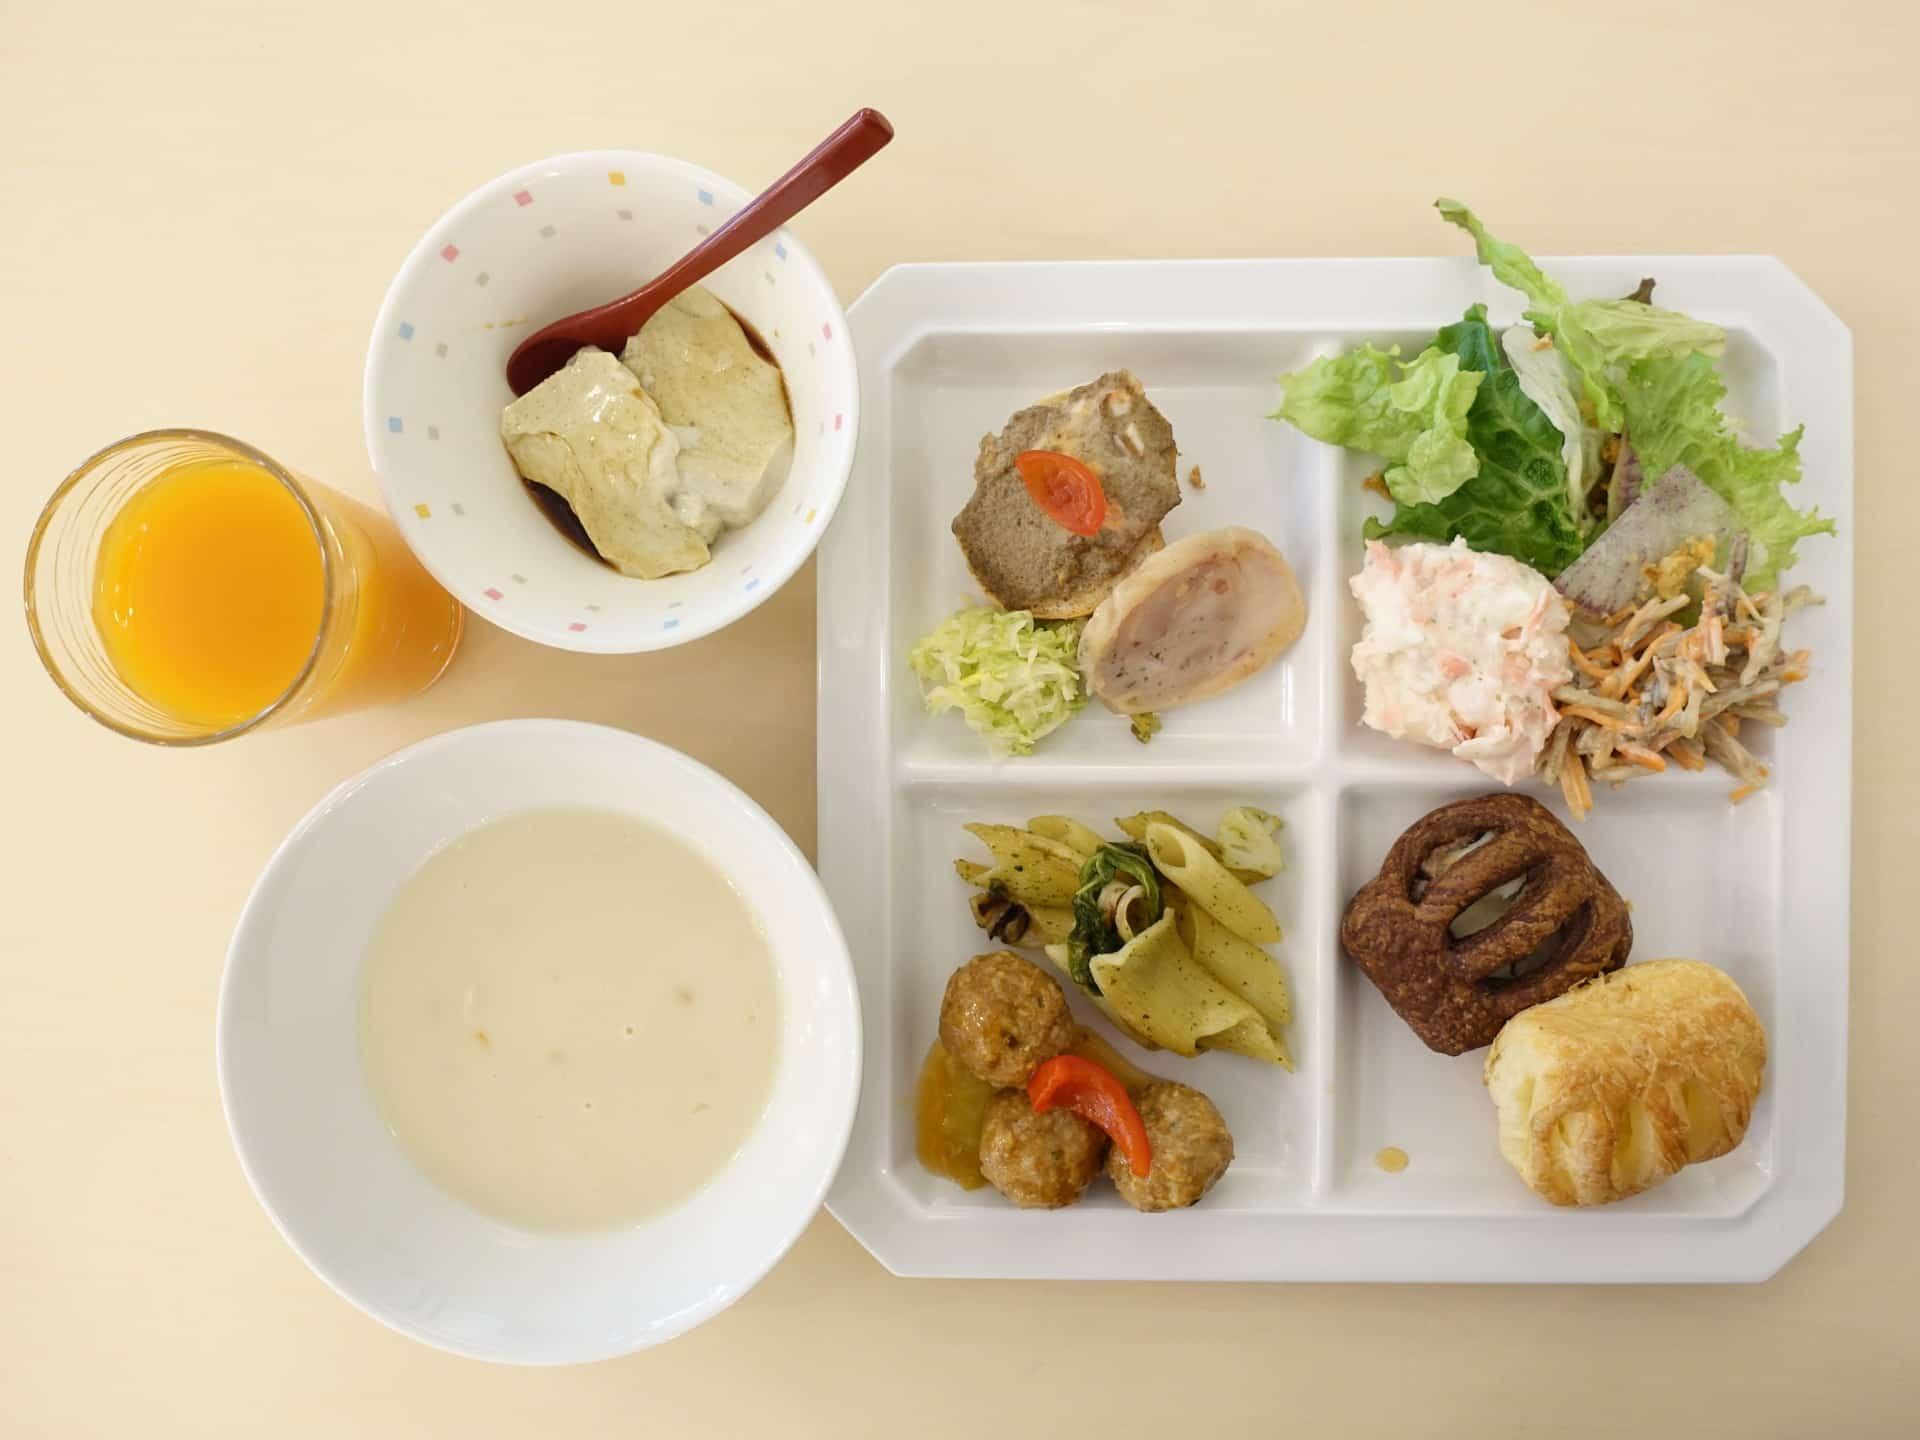 グランメール芦屋 − ランチは800円台で食べ放題!時間無制限で楽しめるコスパ最高なビュッフェ